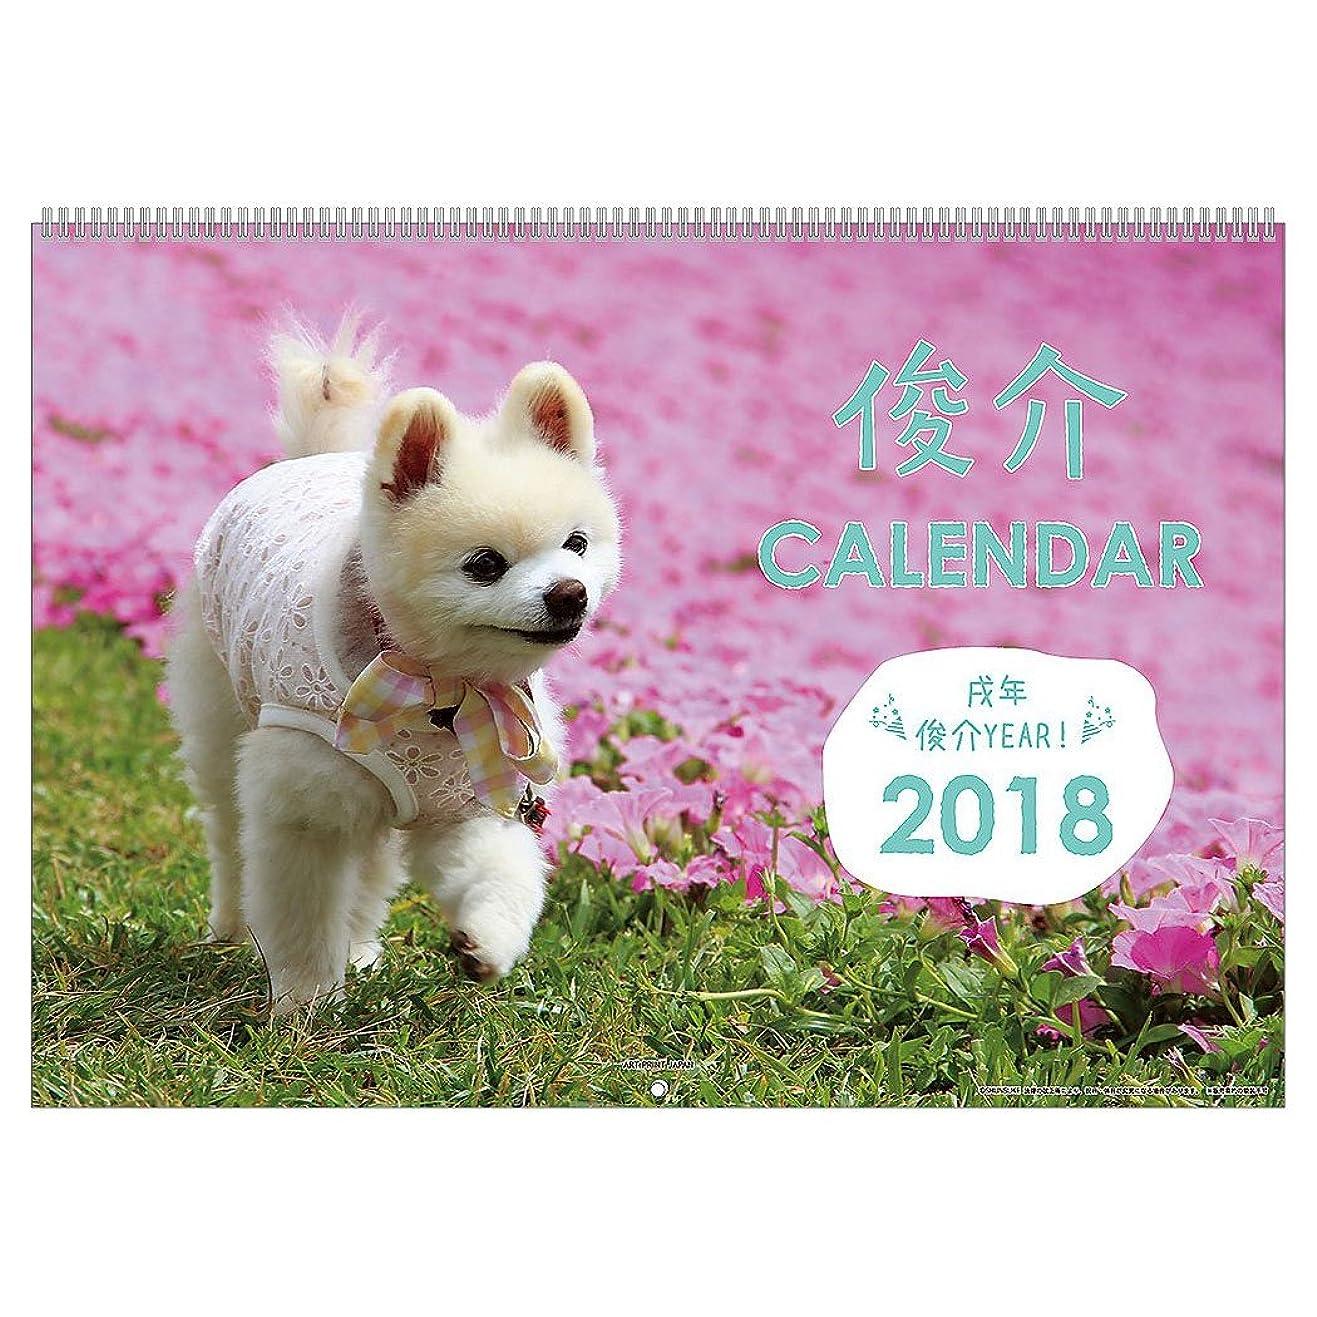 辛い霜バラエティアートプリントジャパン 2018年 俊介カレンダー No.022 1000093355